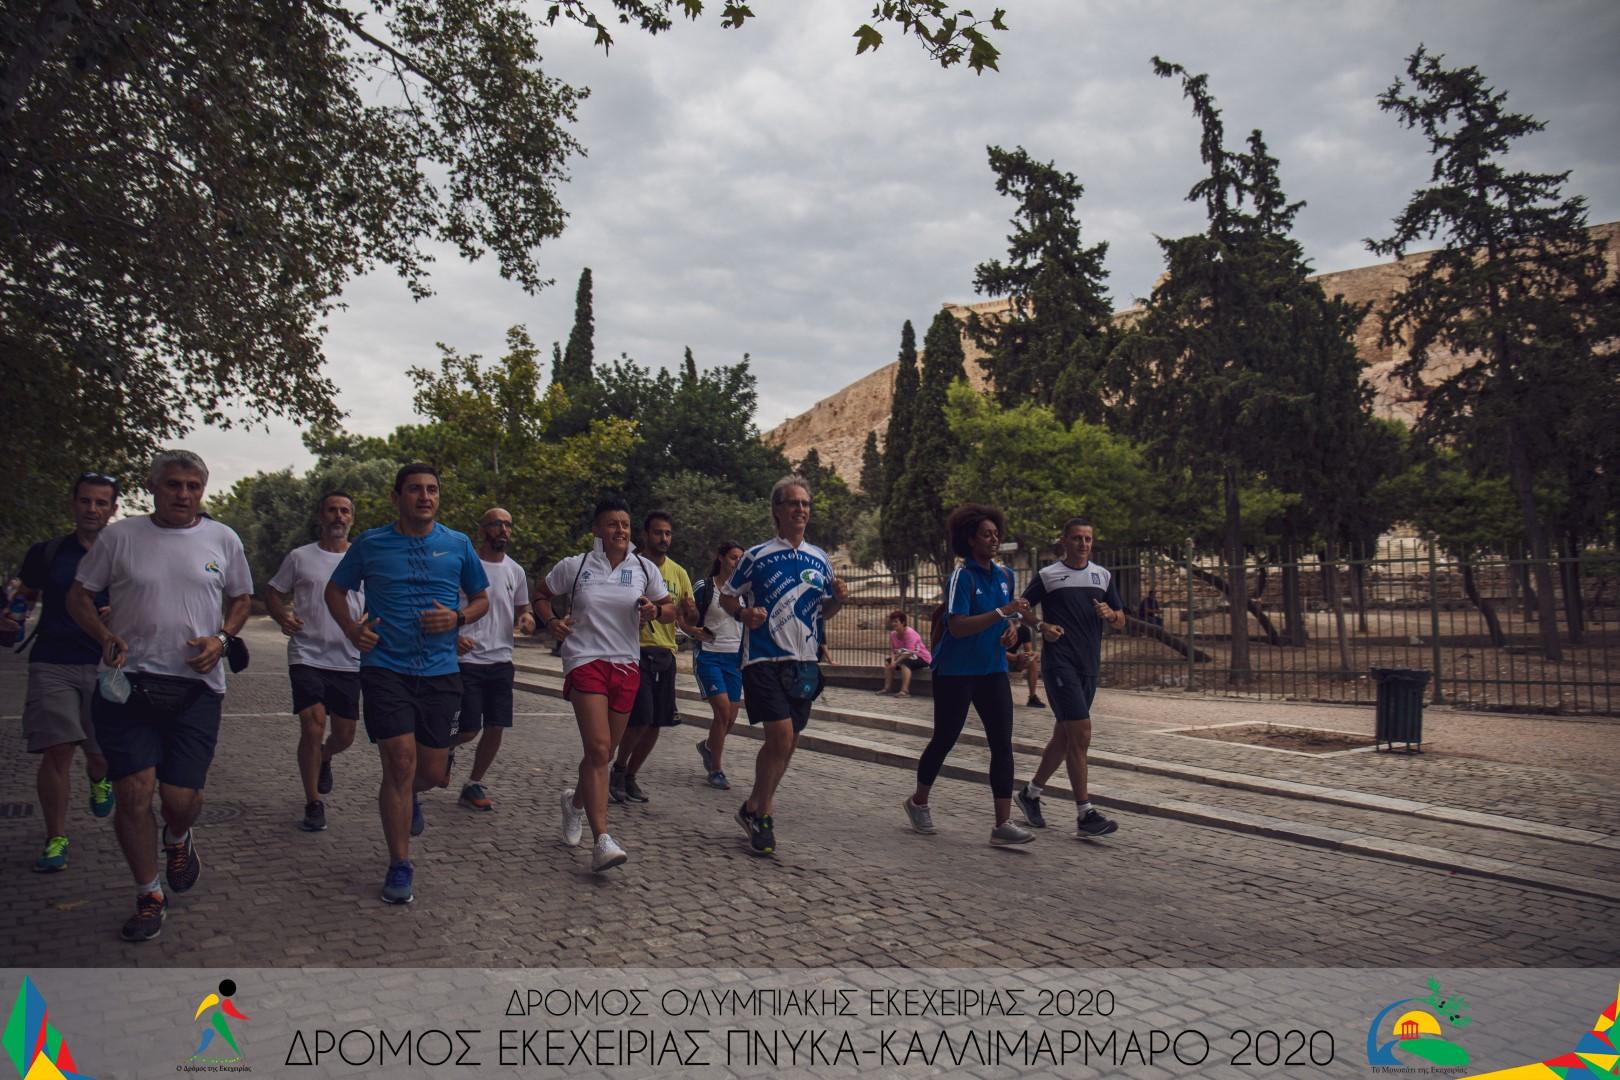 Δρόμος Ολυμπιακής Εκεχειρίας 2020: Το πανανθρώπινο μήνυμα της Ειρήνης στο Παναθηναϊκό Στάδιο